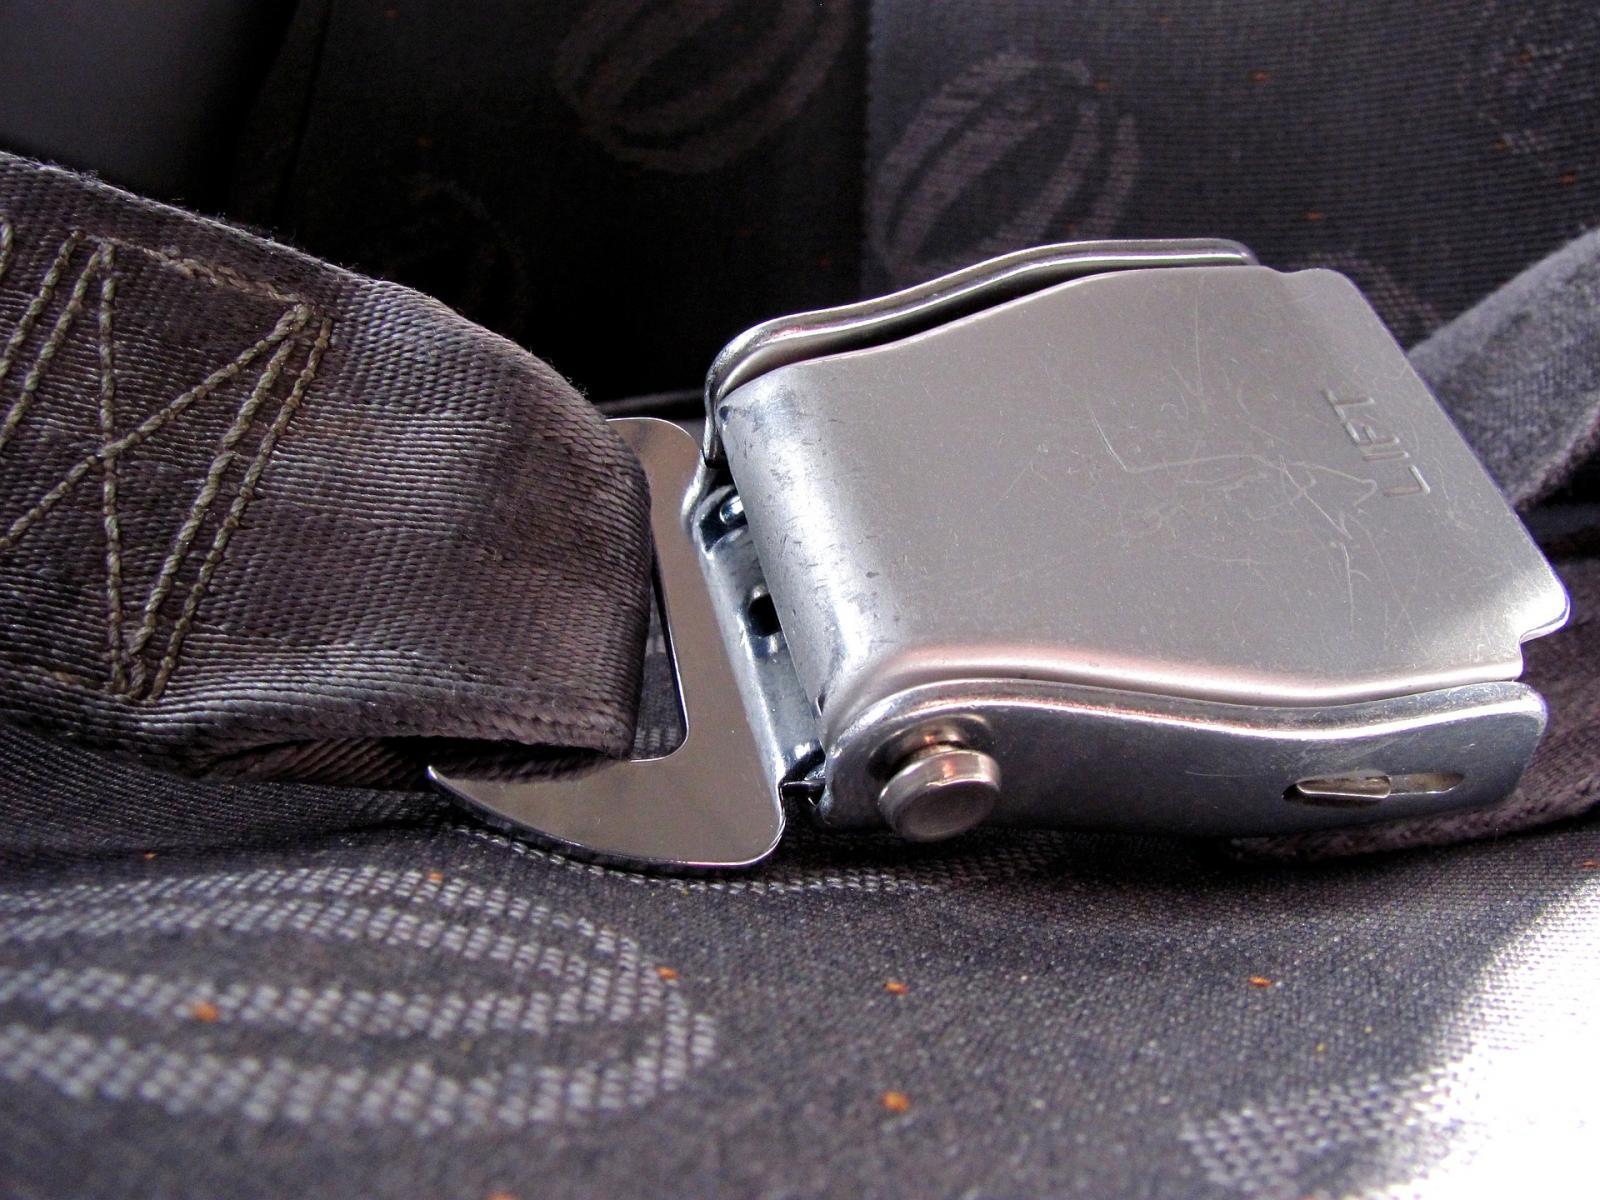 Cinturon de seguridad para embarazadas